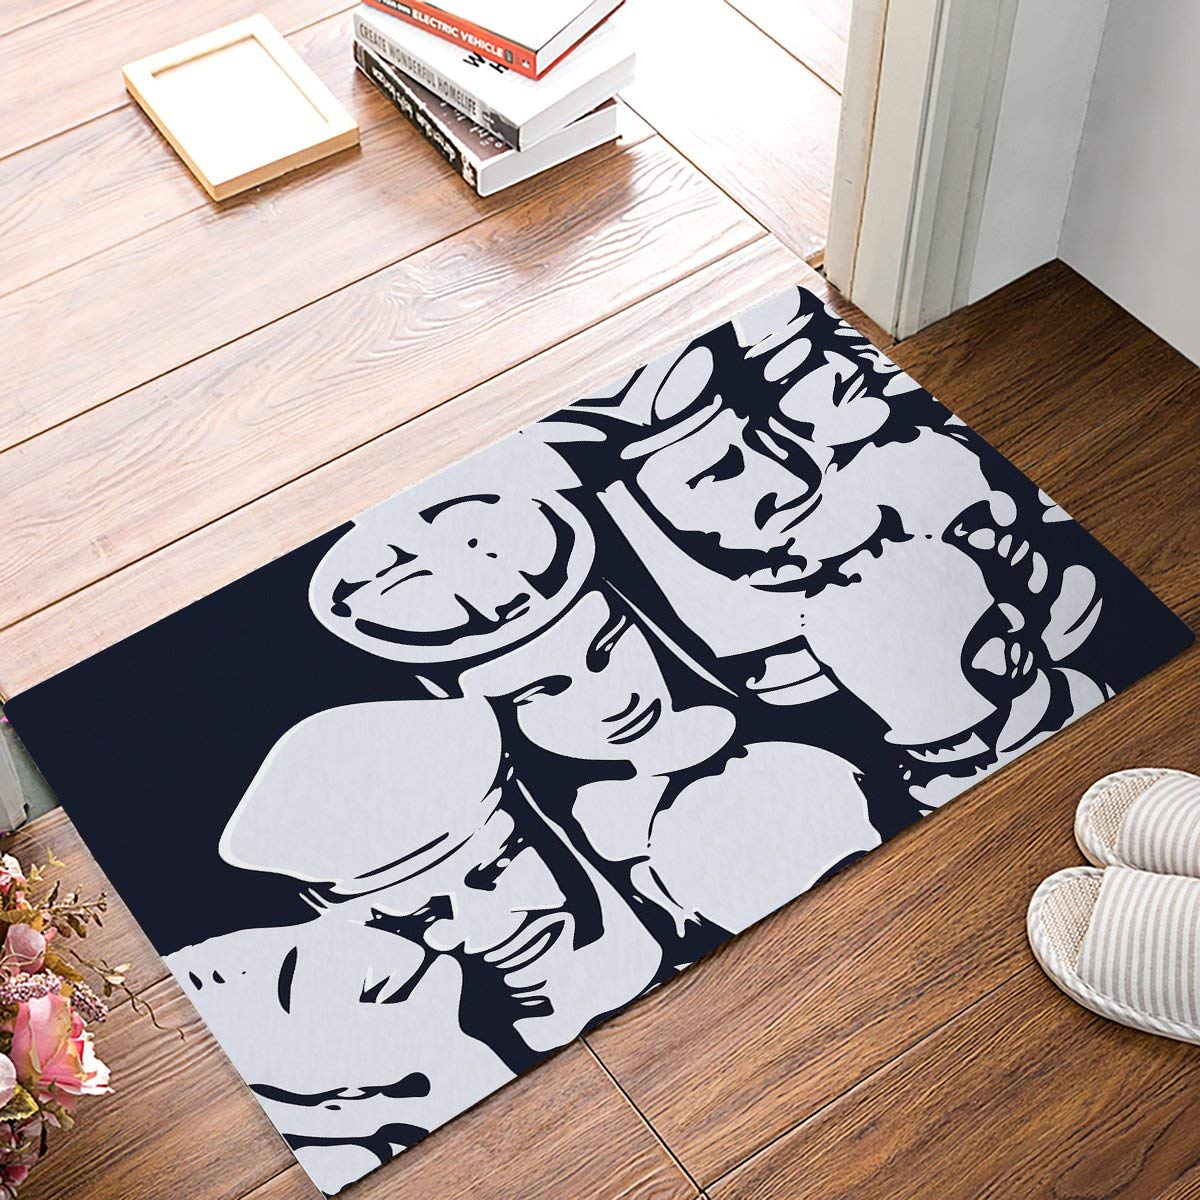 Blue Kitchen Floor Mats: Aliexpress.com : Buy Navy Blue Chess Pattern Door Mats